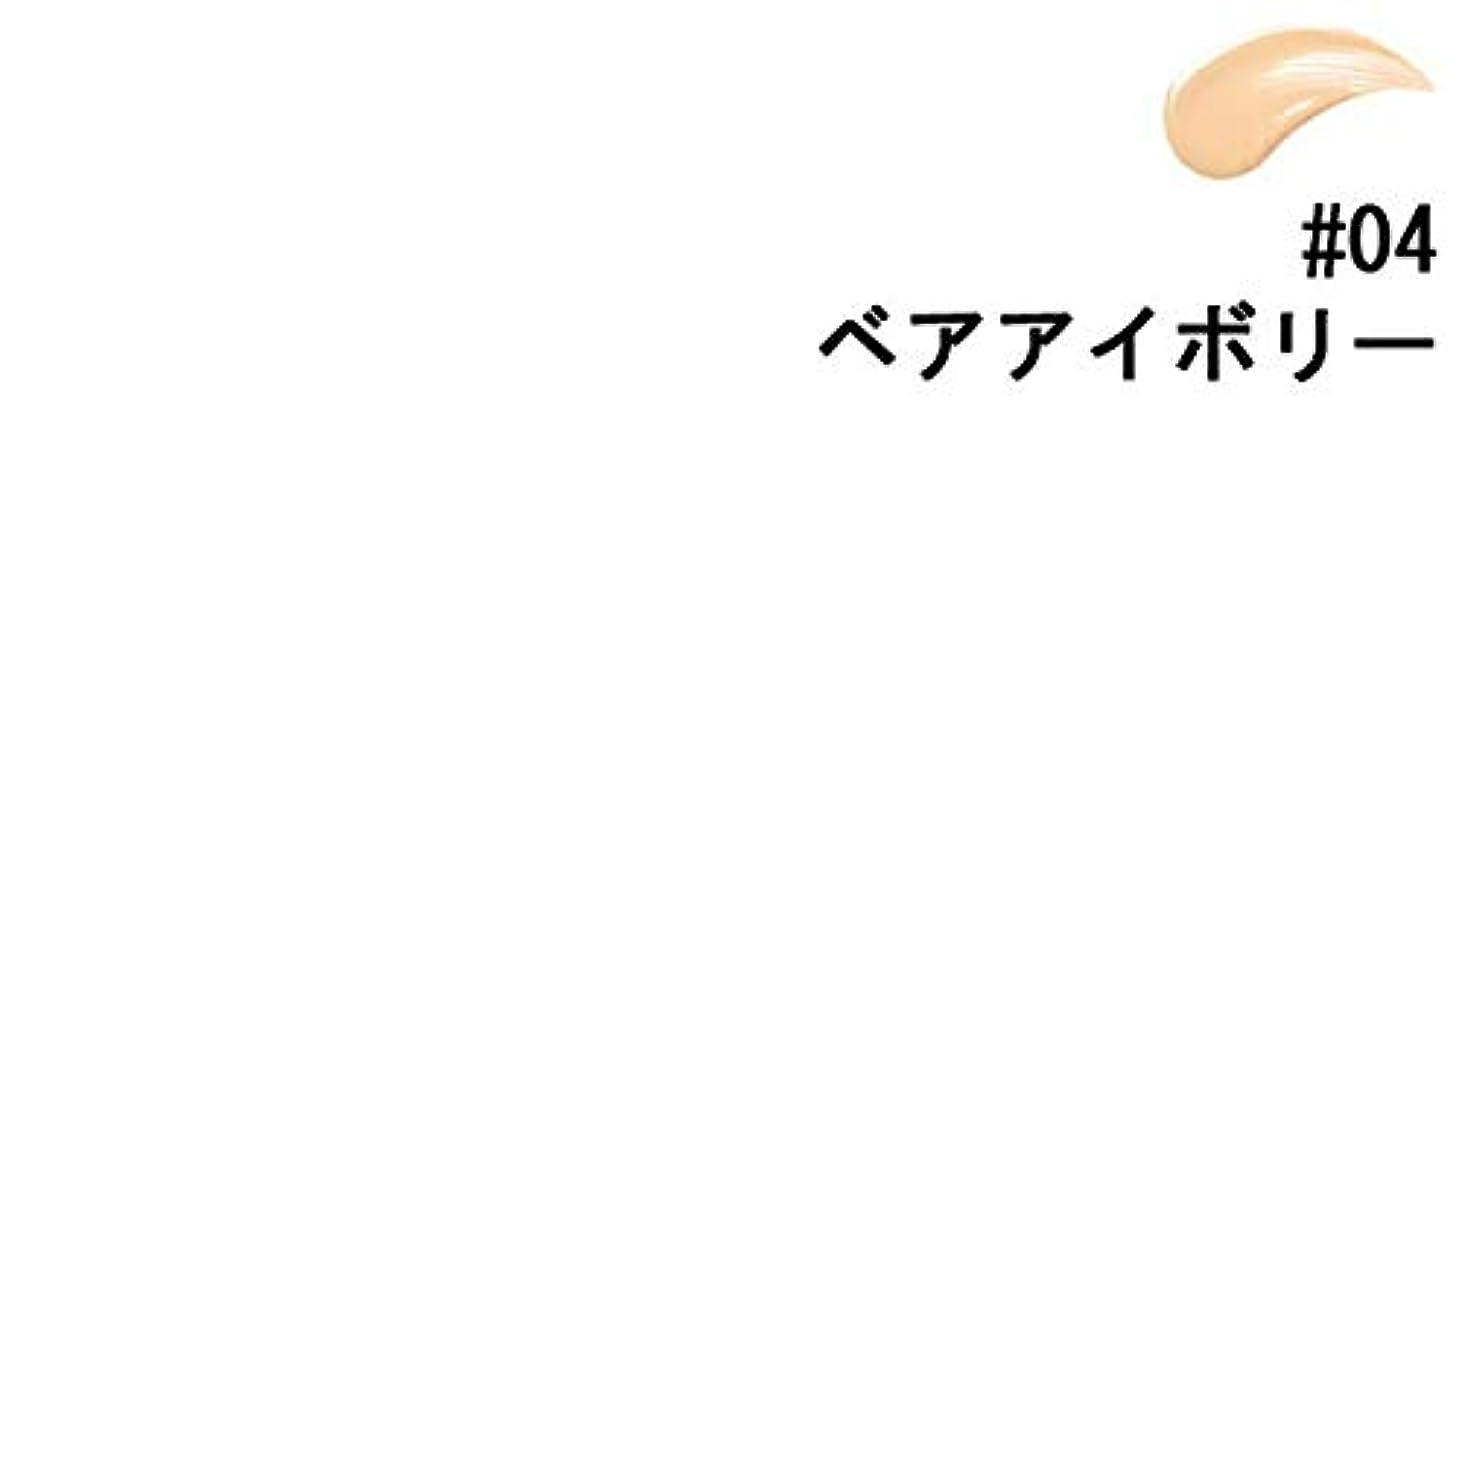 いう送信するこの【ベアミネラル】ベアミネラル ベア ファンデーション #04 ベアアイボリー 30ml [並行輸入品]